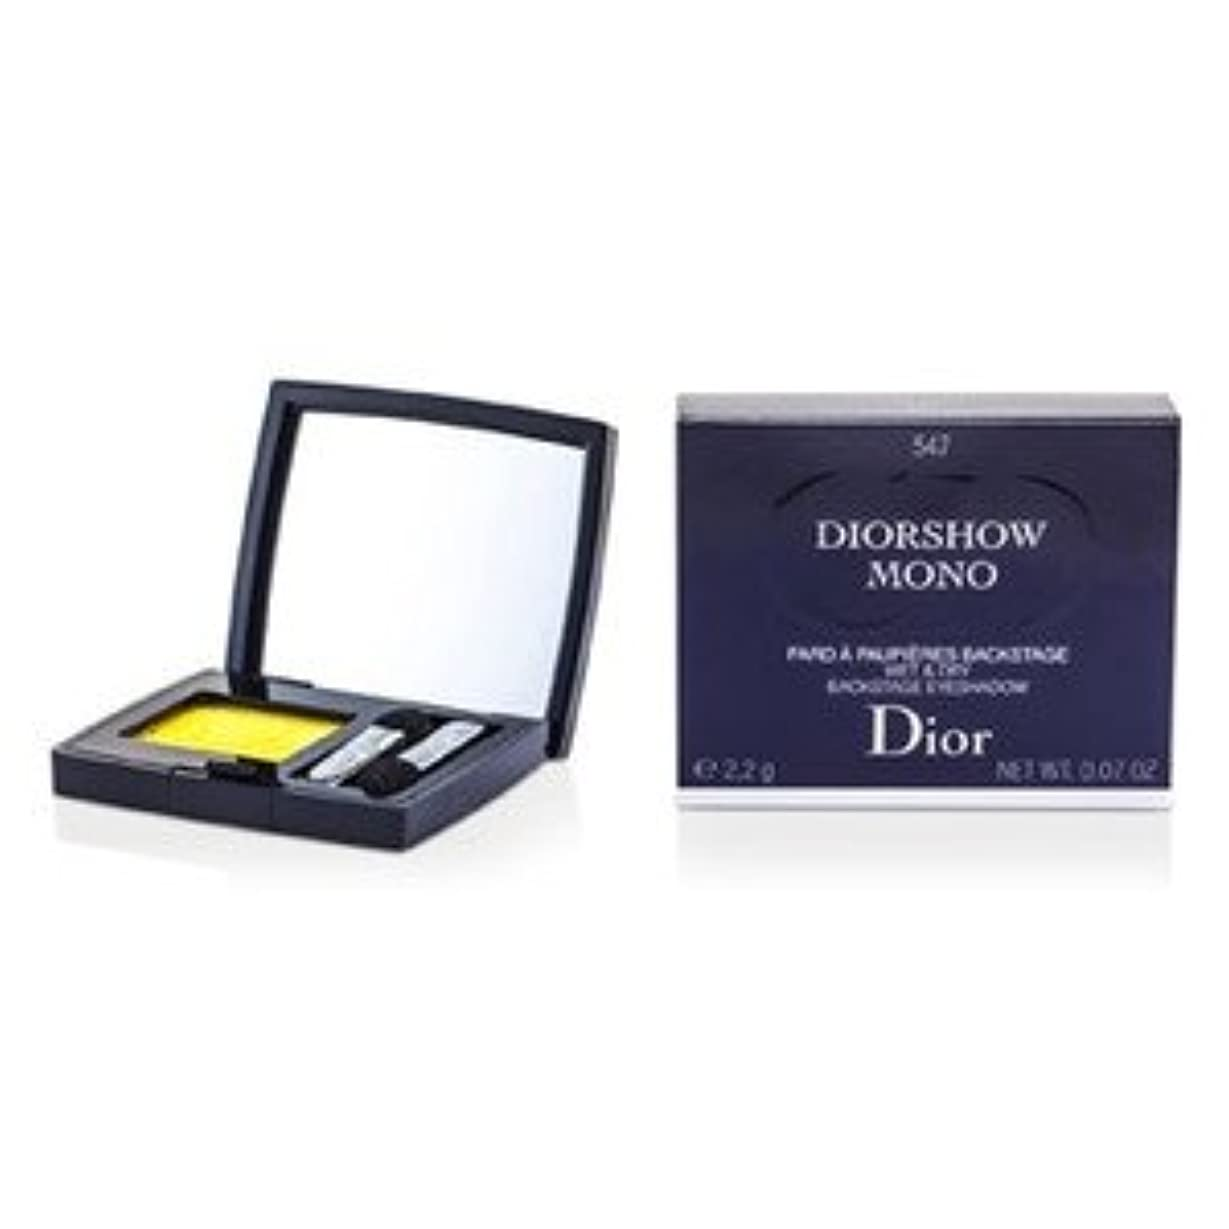 ハング特に見つけたDior(ディオール) ディオールスノー モノ ウェット&ドライ バックステージ アイシャドウ #547 Yellow 2.2g/0.07oz [並行輸入品]